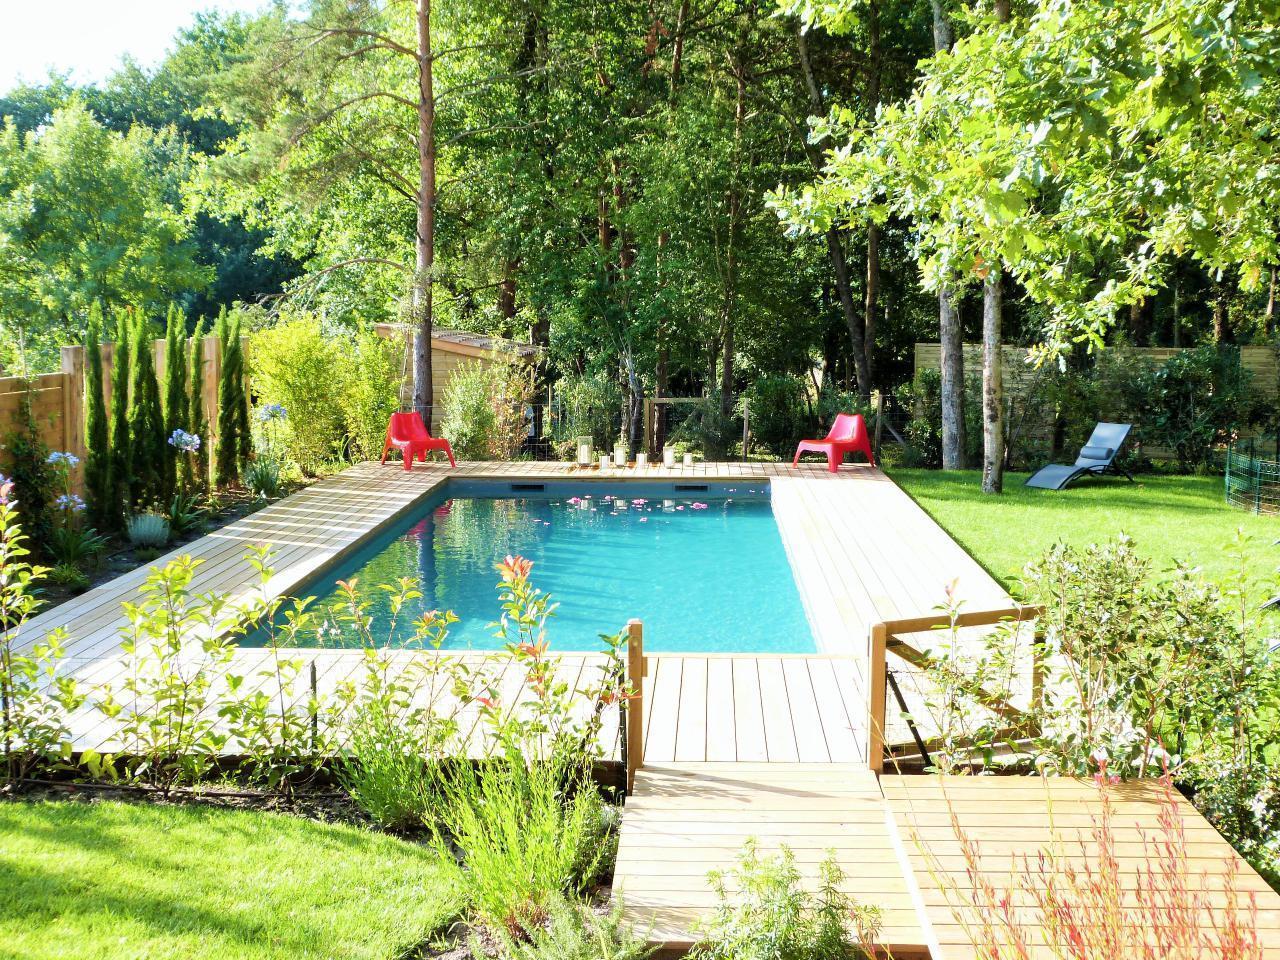 Maison de vacances Exklusives Landhaus mit Top-Küche, beheizter Pool, Naturgarten, unweit von St. Emilion, Bo (1040506), Martillac, Gironde, Aquitaine, France, image 34